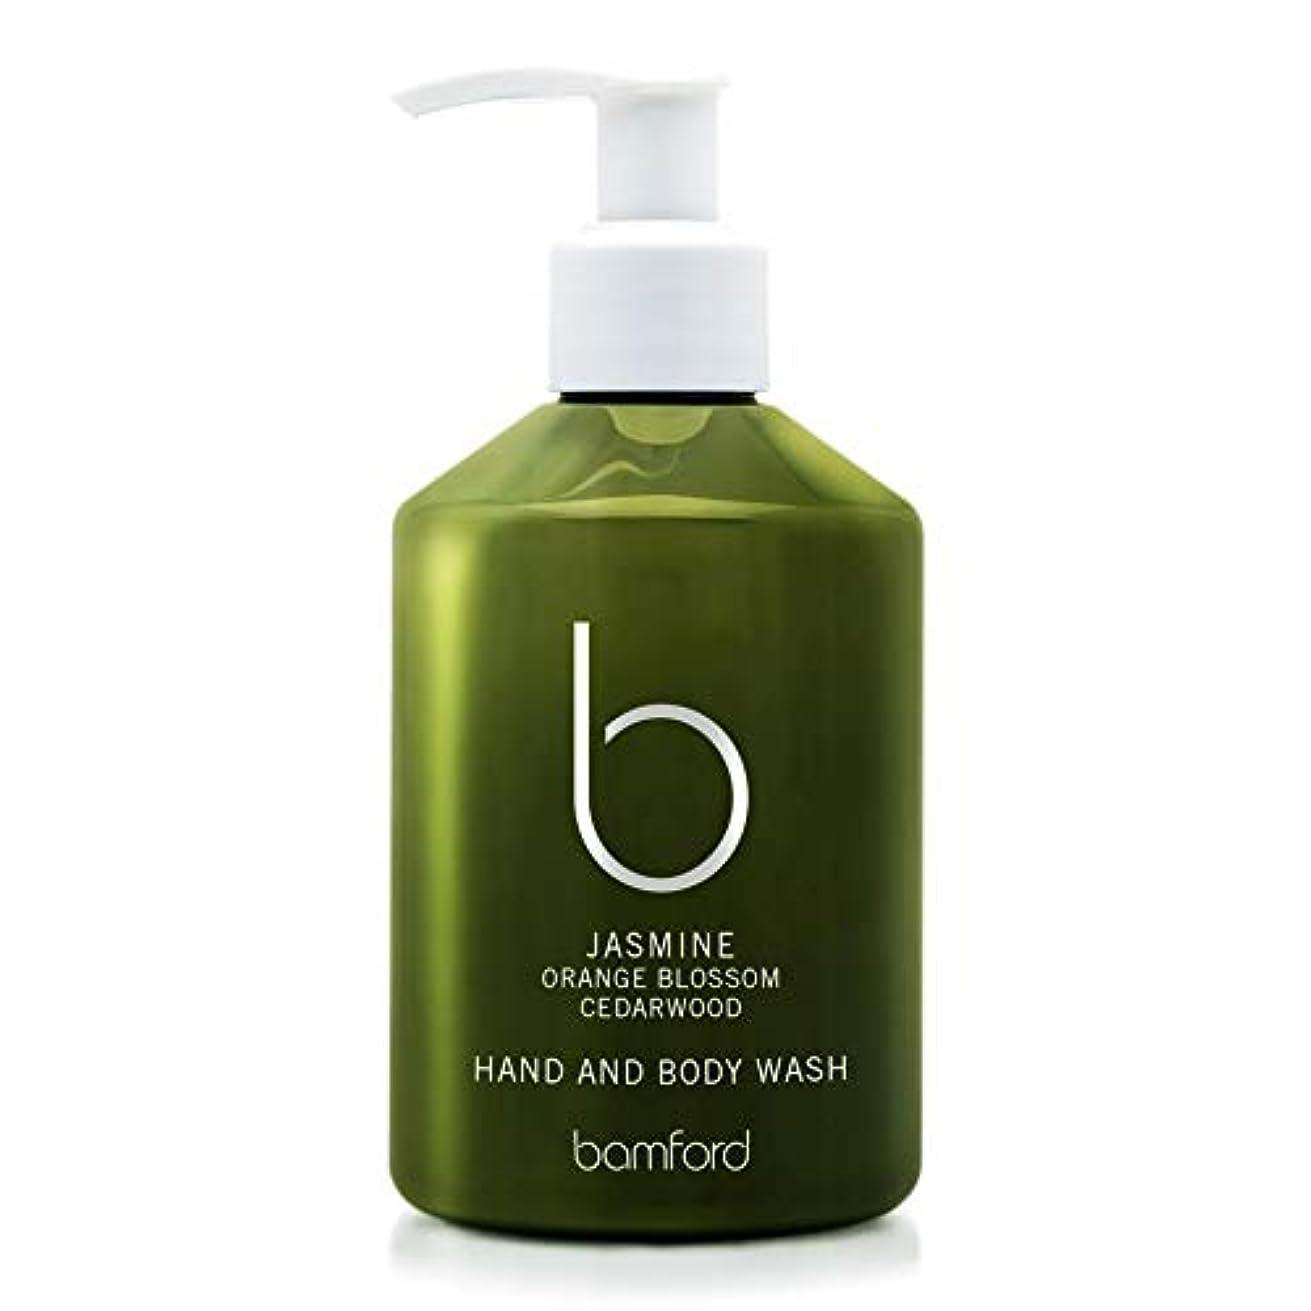 底批判侵入[Bamford ] バンフォードジャスミンの手とボディウォッシュ250ミリリットル - Bamford Jasmine Hand and Body Wash 250ml [並行輸入品]